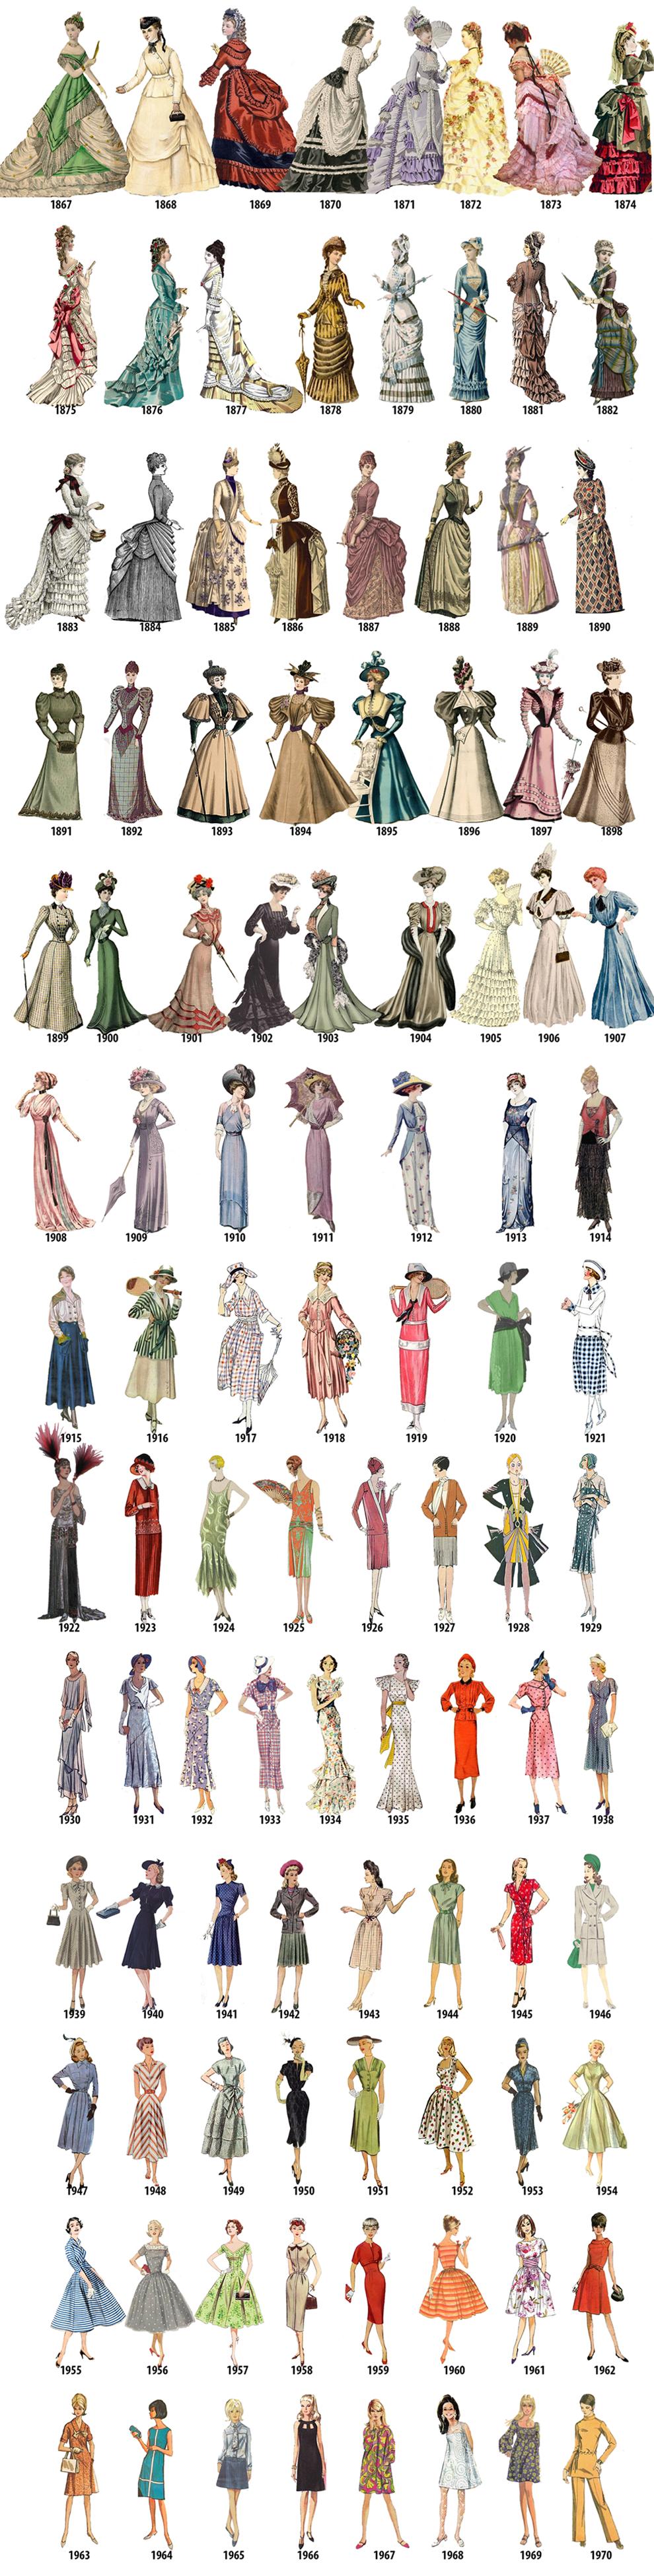 fashion 2.png